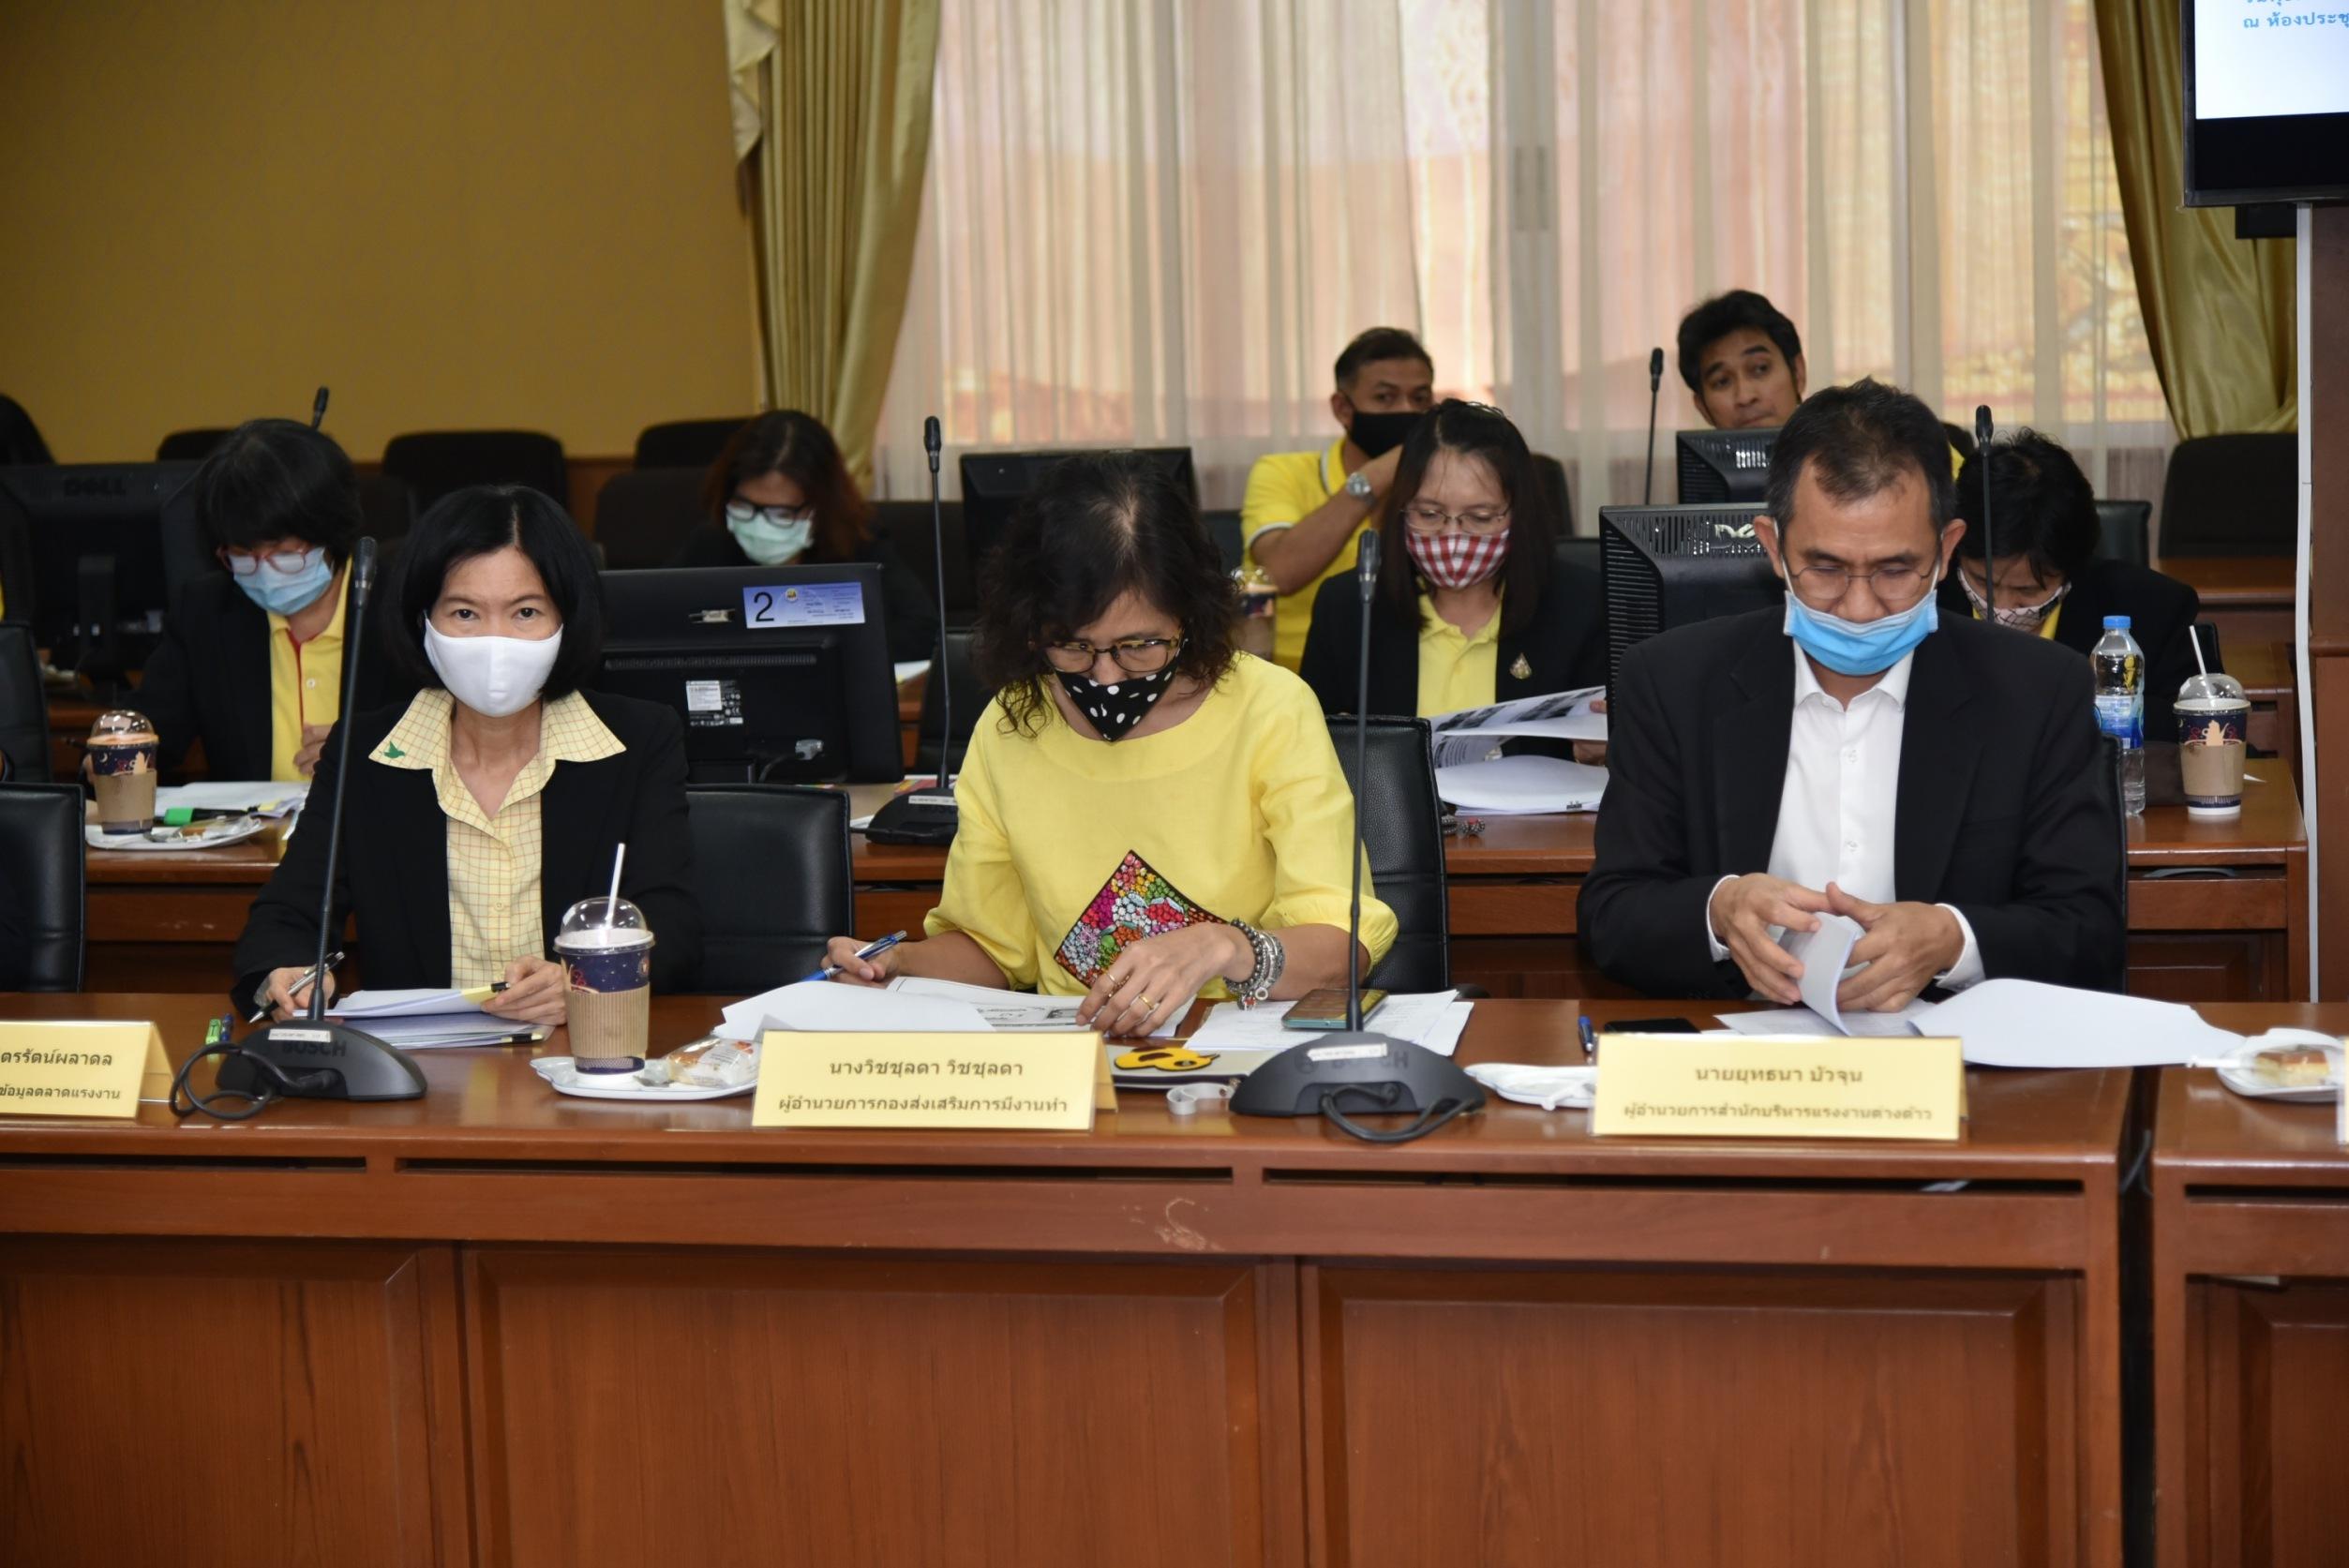 กรมการจัดหางาน ประชุมคณะทำงานเตรียมความพร้อมรับการตรวจประเมินรางวัลคุณภาพการบริหารจัดการภาครัฐ ประจำปี พ.ศ.2563